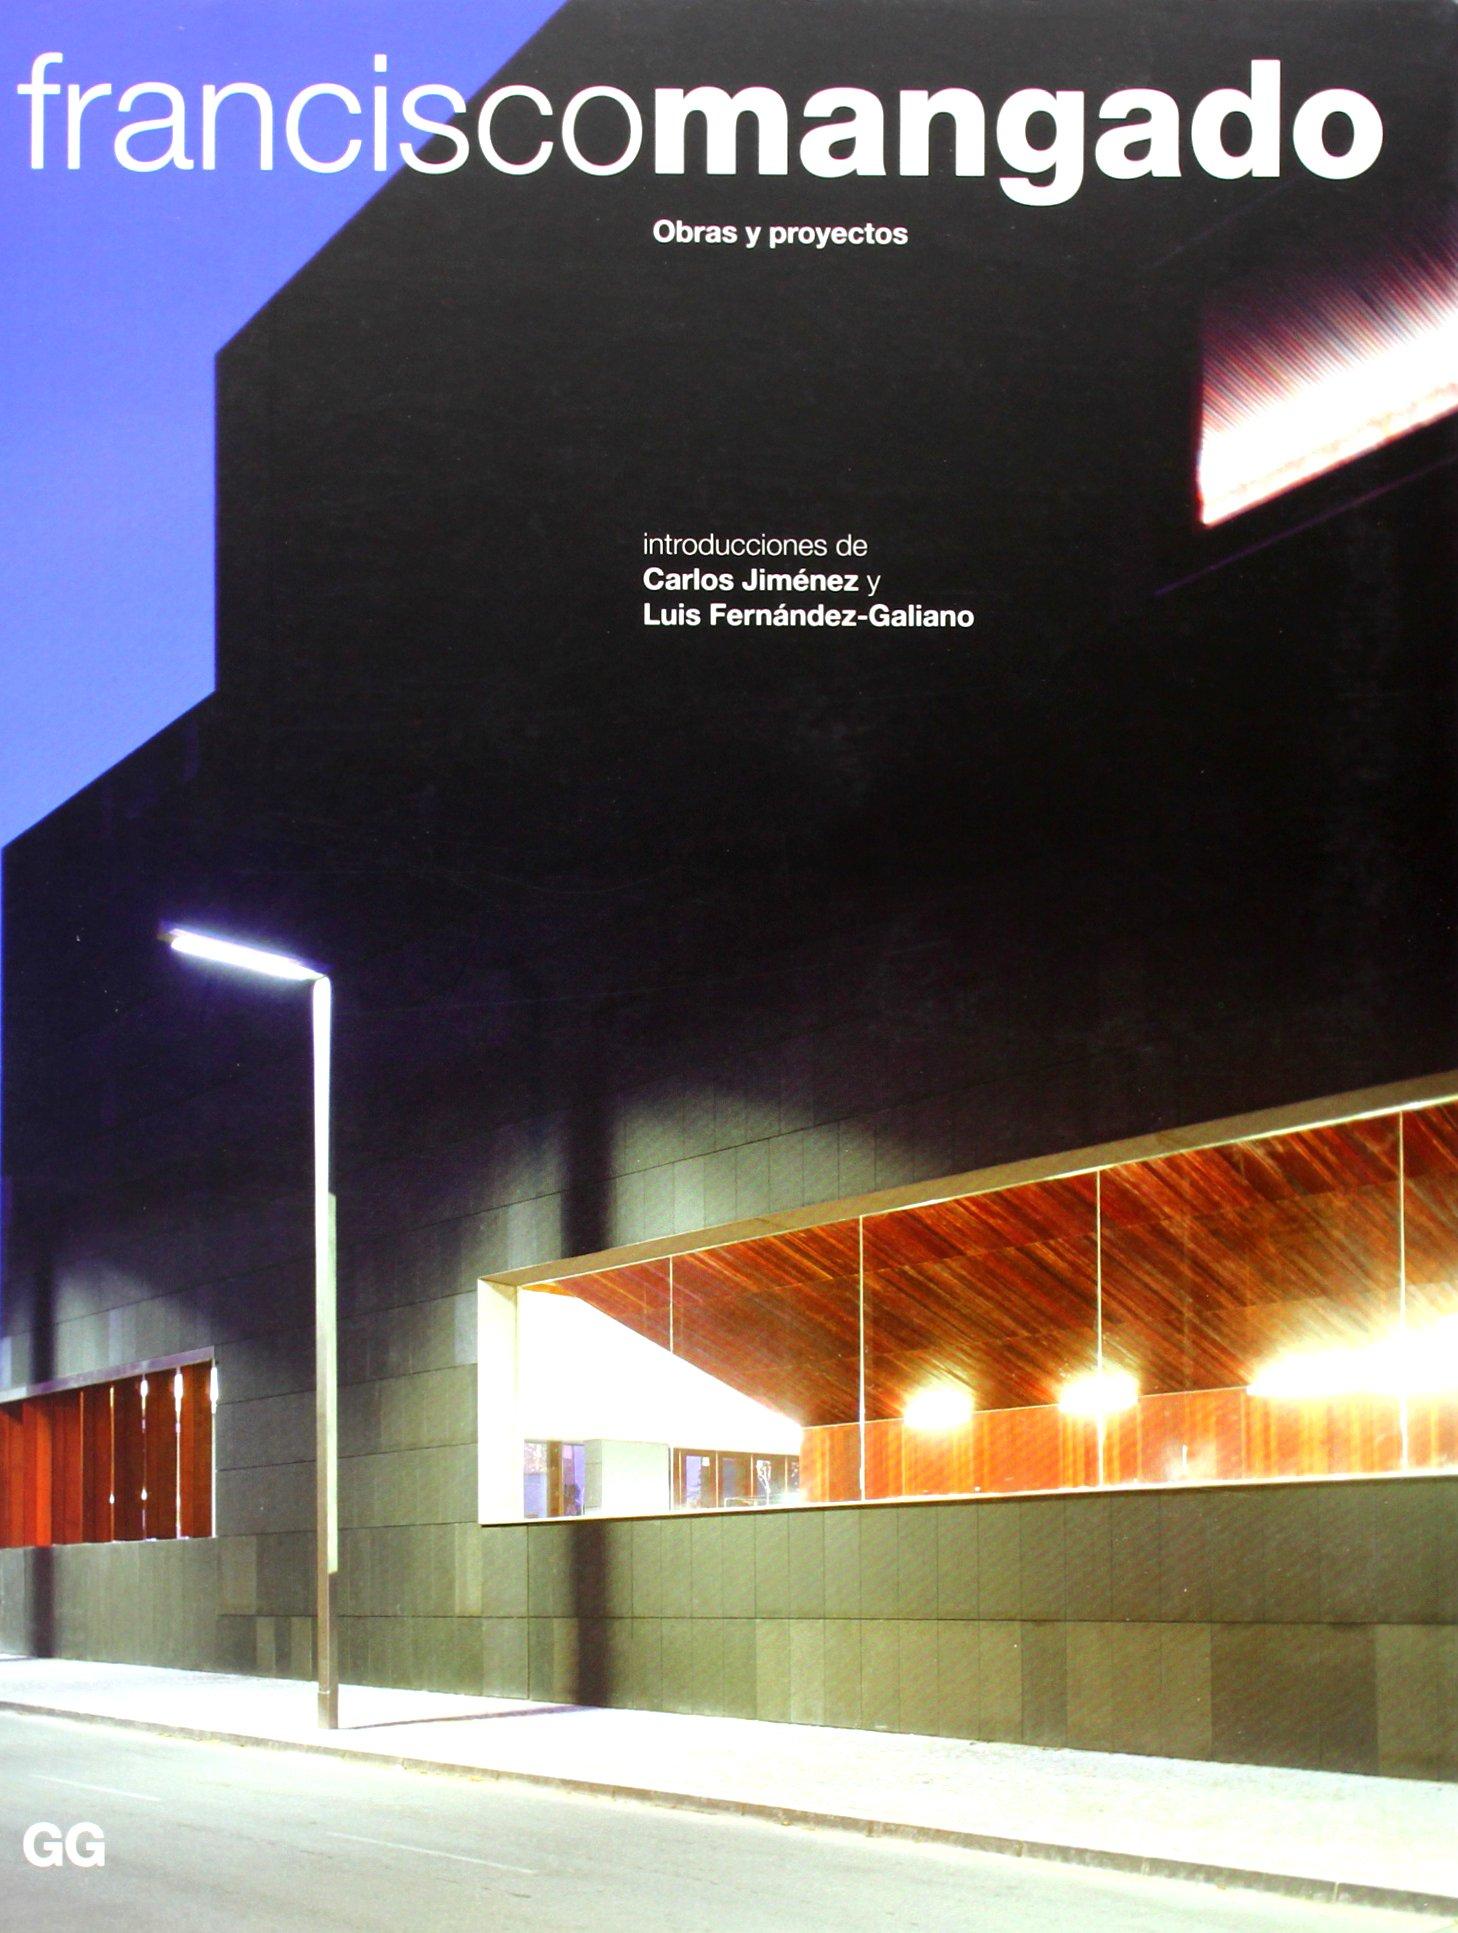 Francisco Mangado: Obras y proyectos: Amazon.es: Fernández-Galiano, Luis, Jiménez, Carlos: Libros